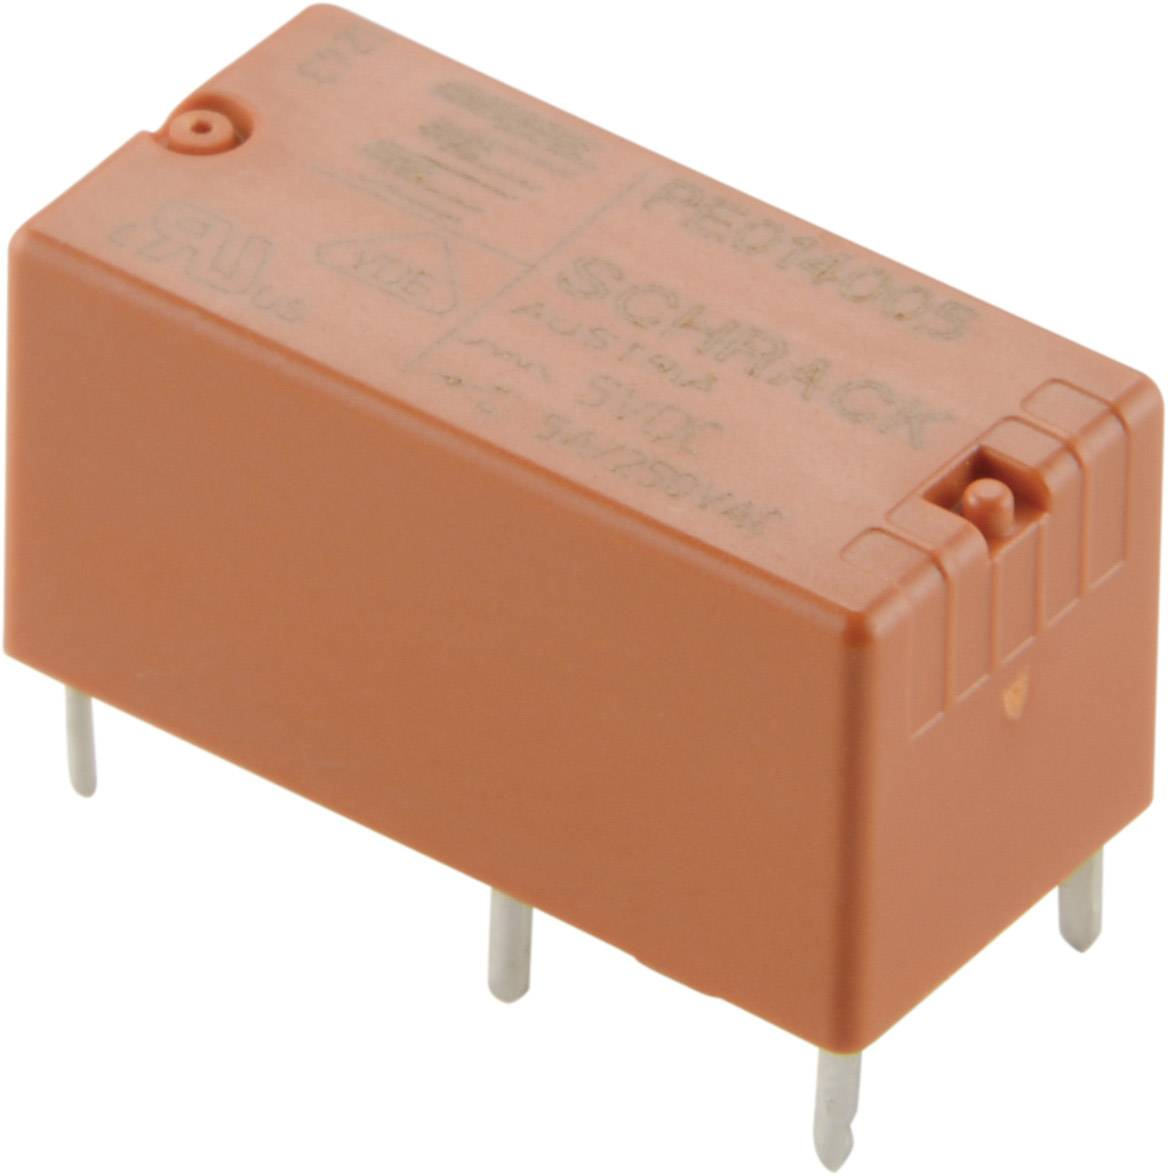 Výkonové relé PE 5 A, 1 x přepínací kontakt TE Connectivity 1393219-3, PE014005, 5 A, 440 V/AC 1250 VA